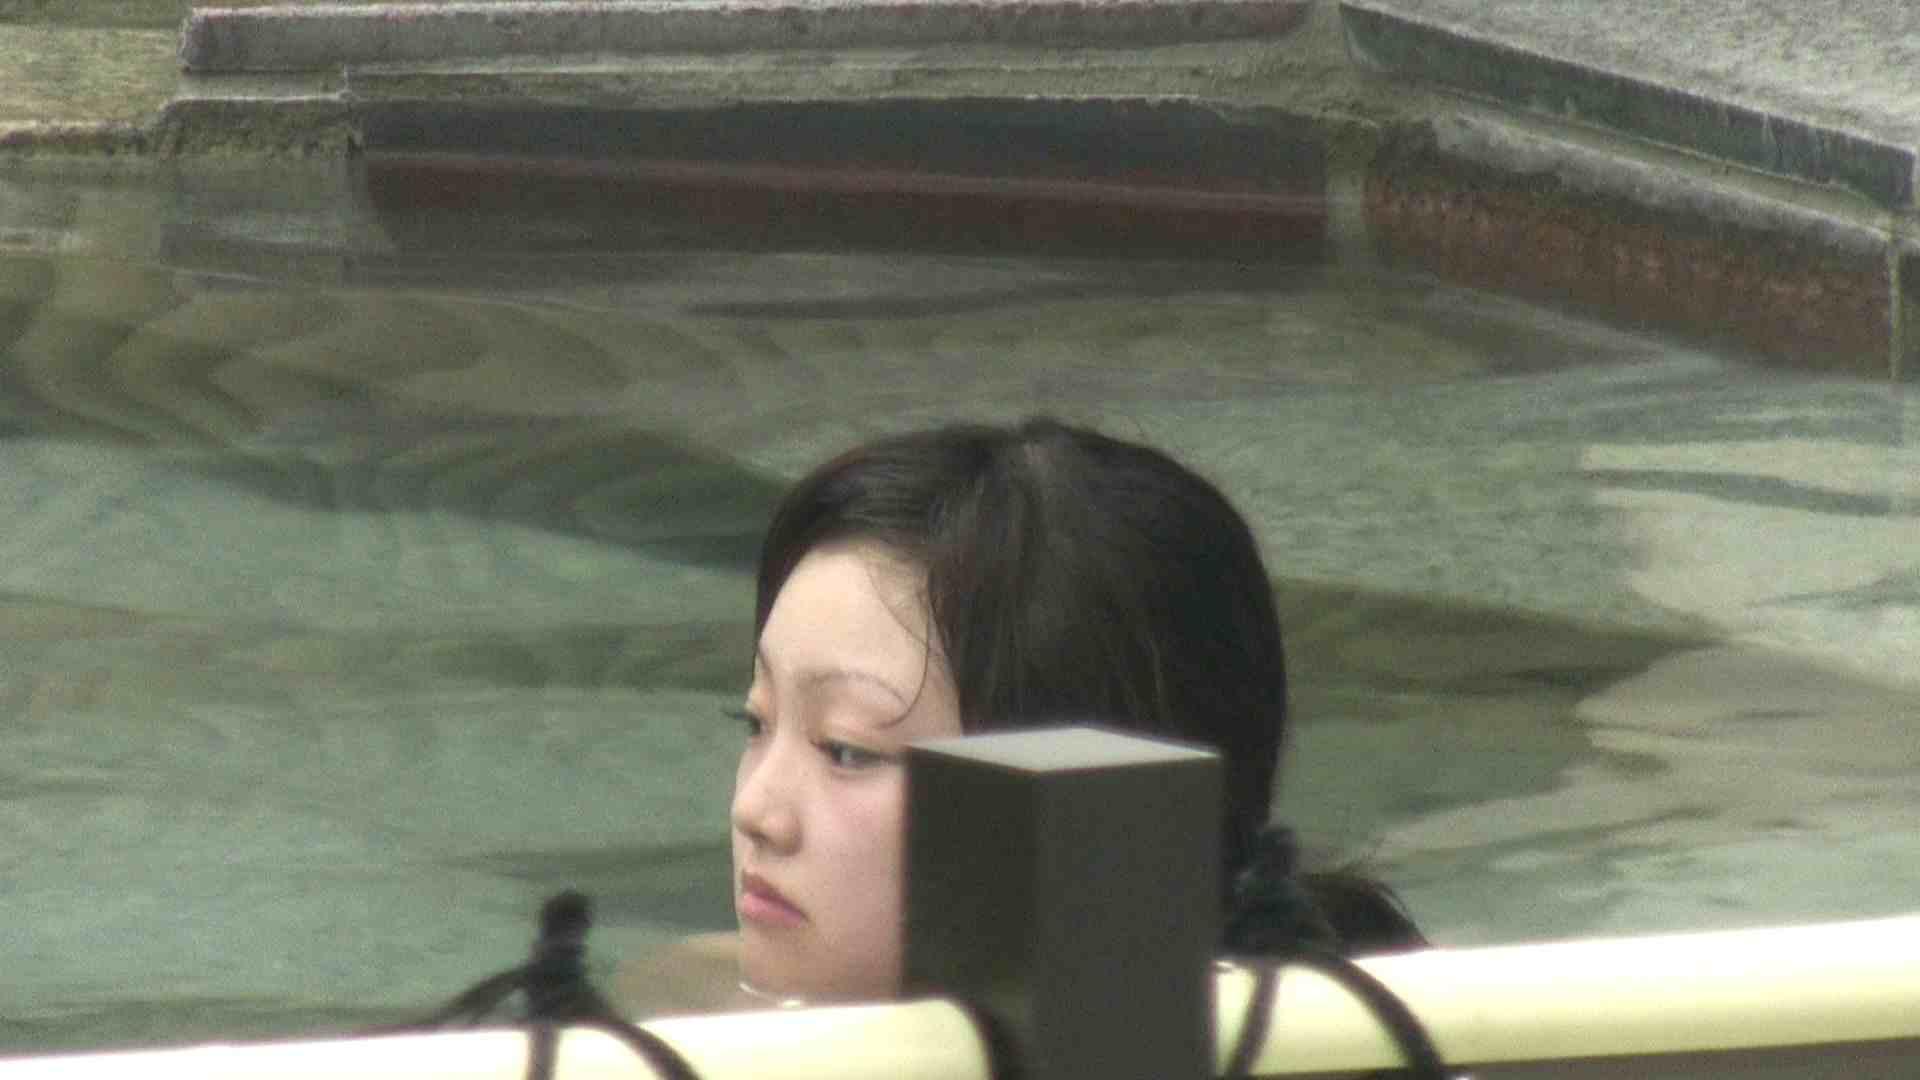 Aquaな露天風呂Vol.126 露天風呂 | 盗撮  72連発 4